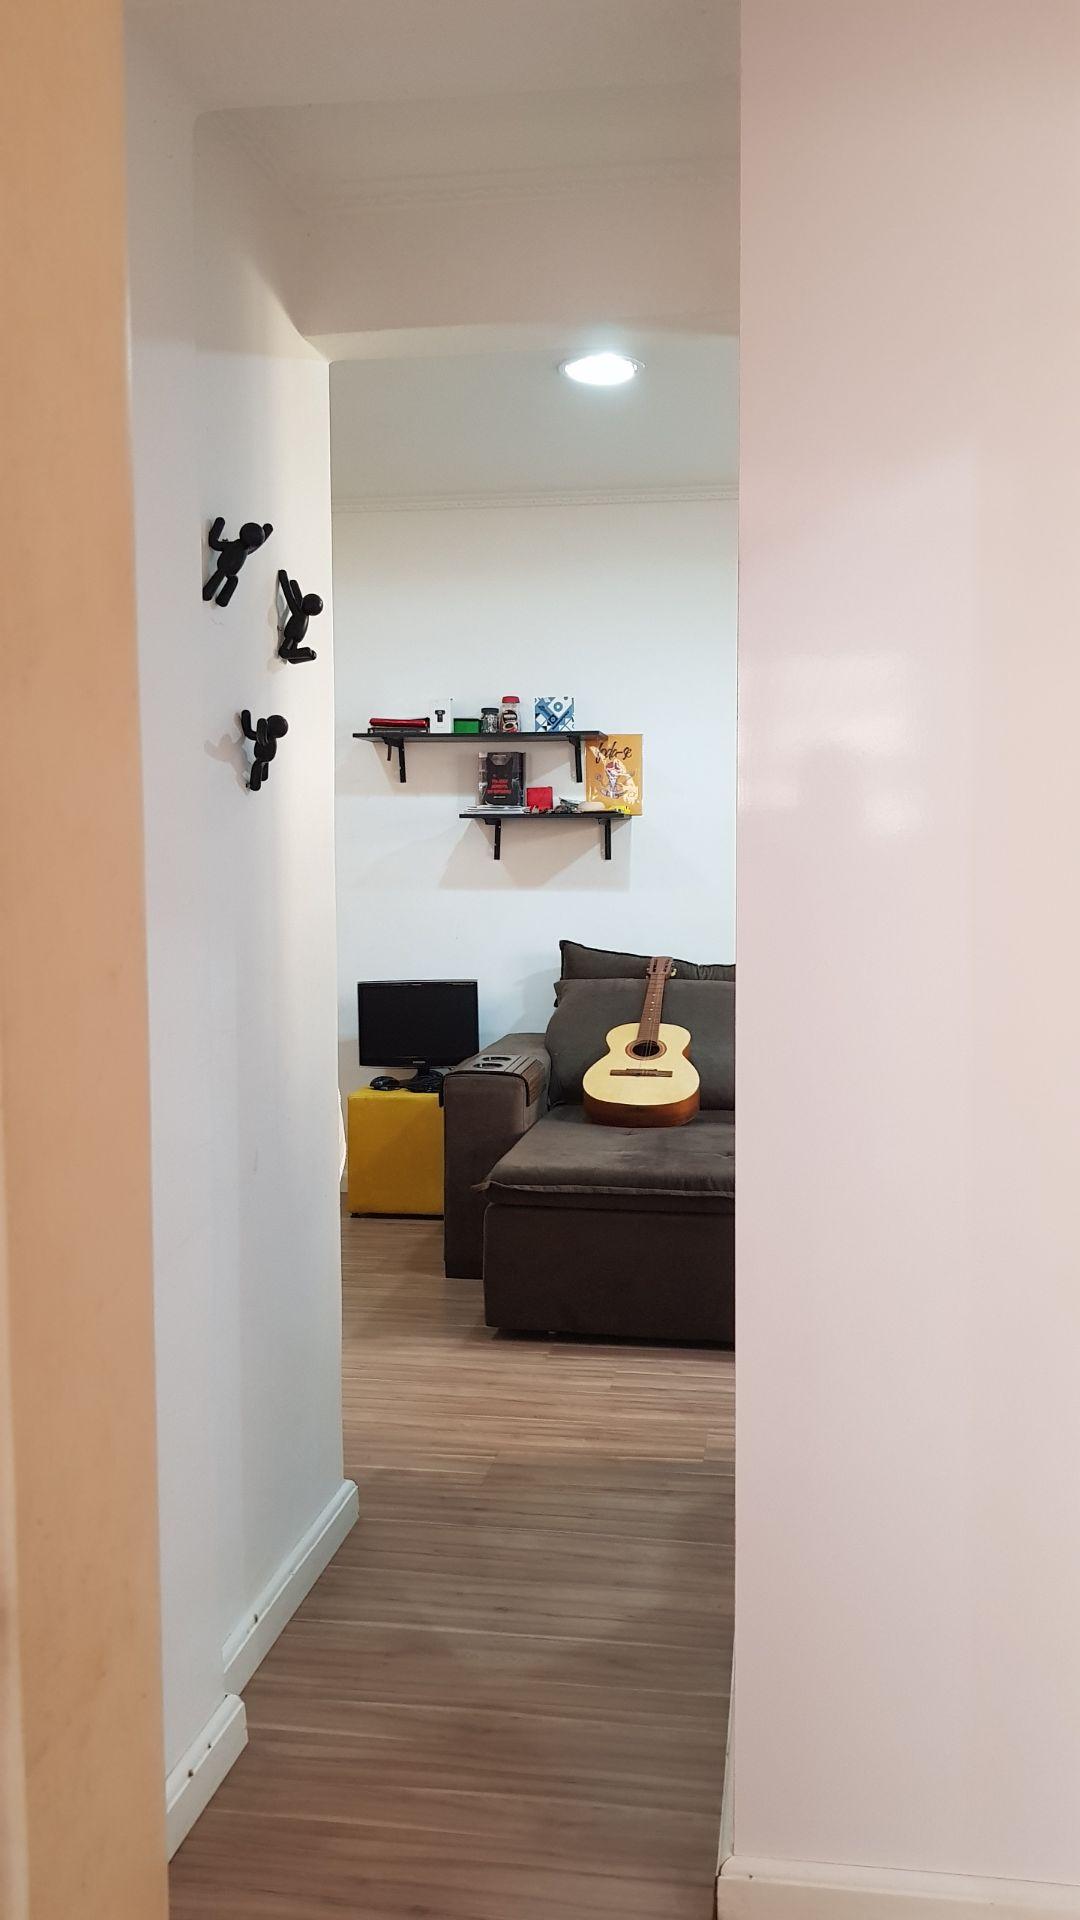 apartamento a venda no Gonzaga em santos térreo de 1 dormitório e garagem. - foto 11